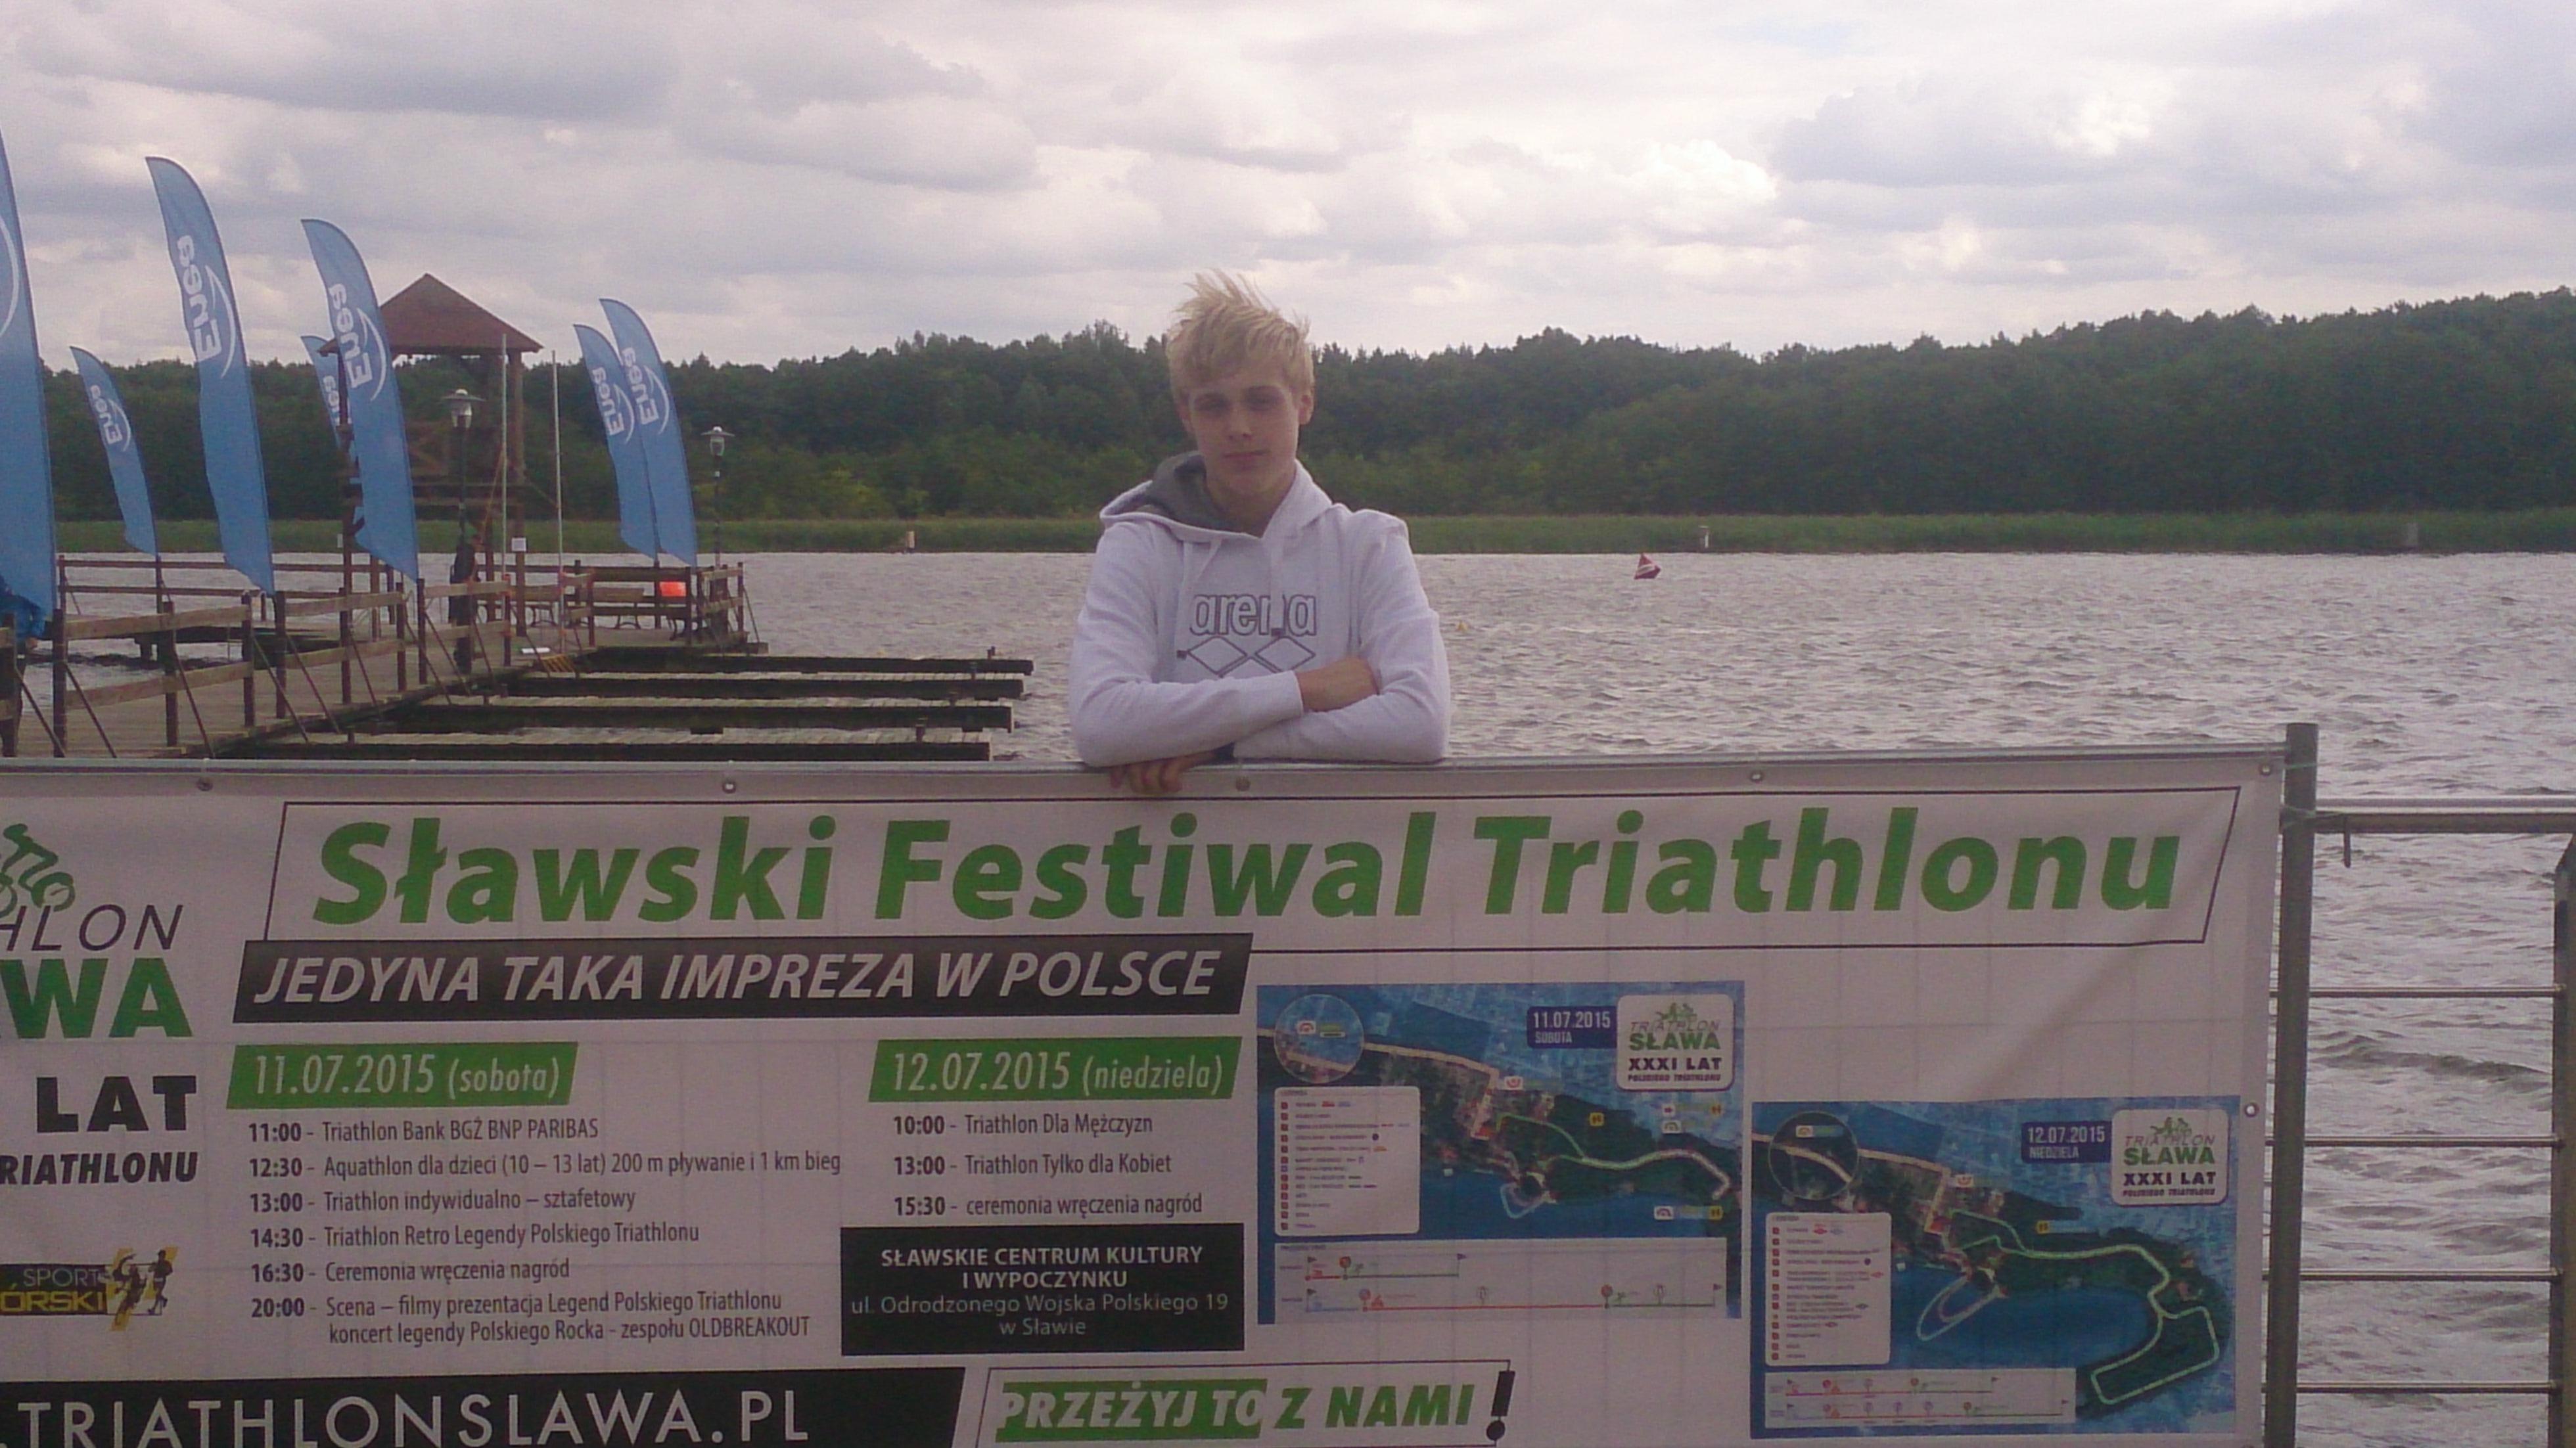 Festiwal Triathlonu w Sławie